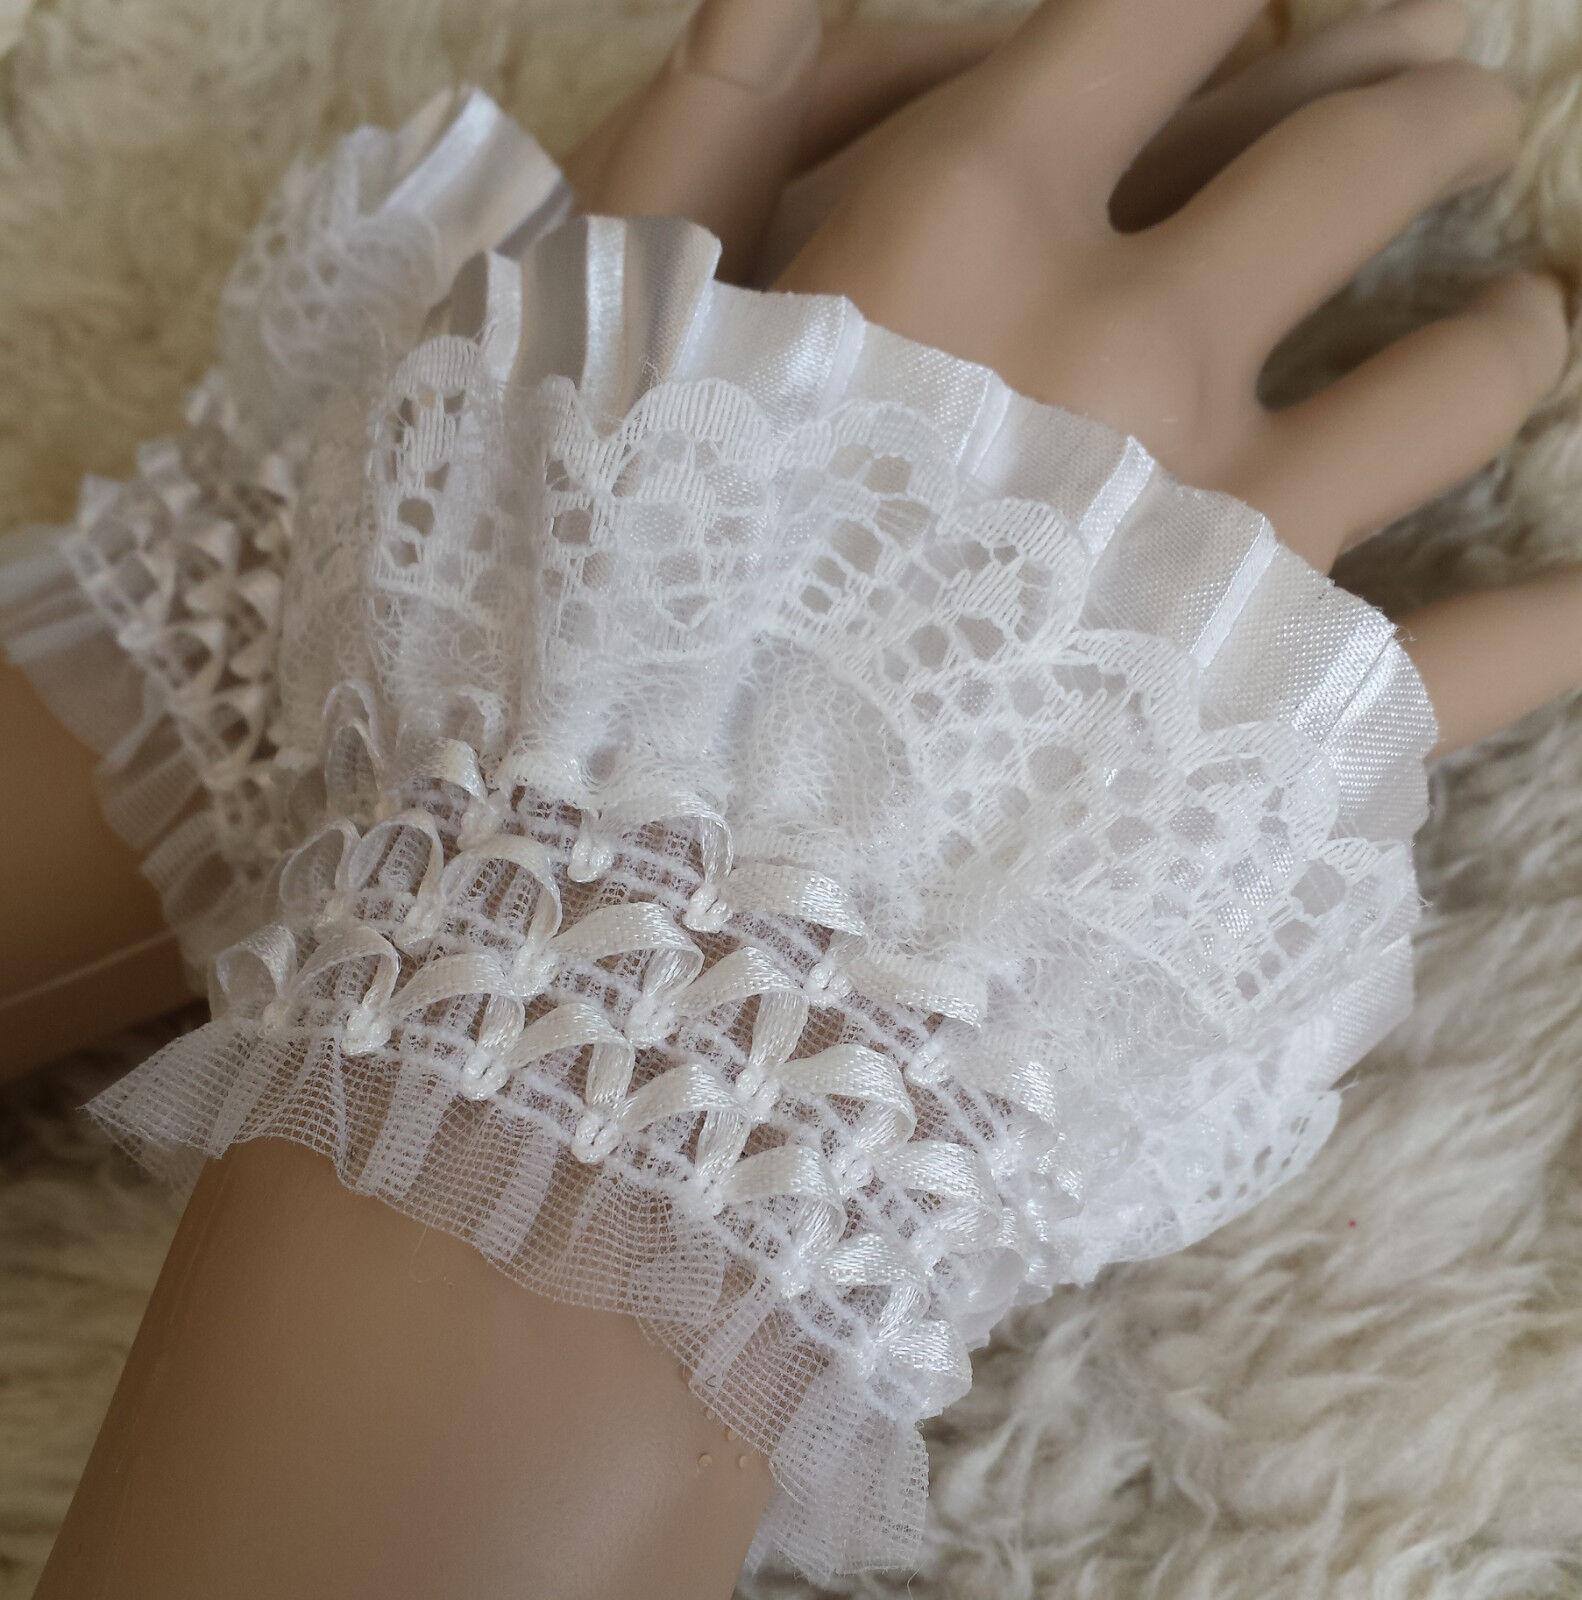 Armband Manschetten steampunk handschuhe Hochzeit Spitze pulswärmer gothic cuffs